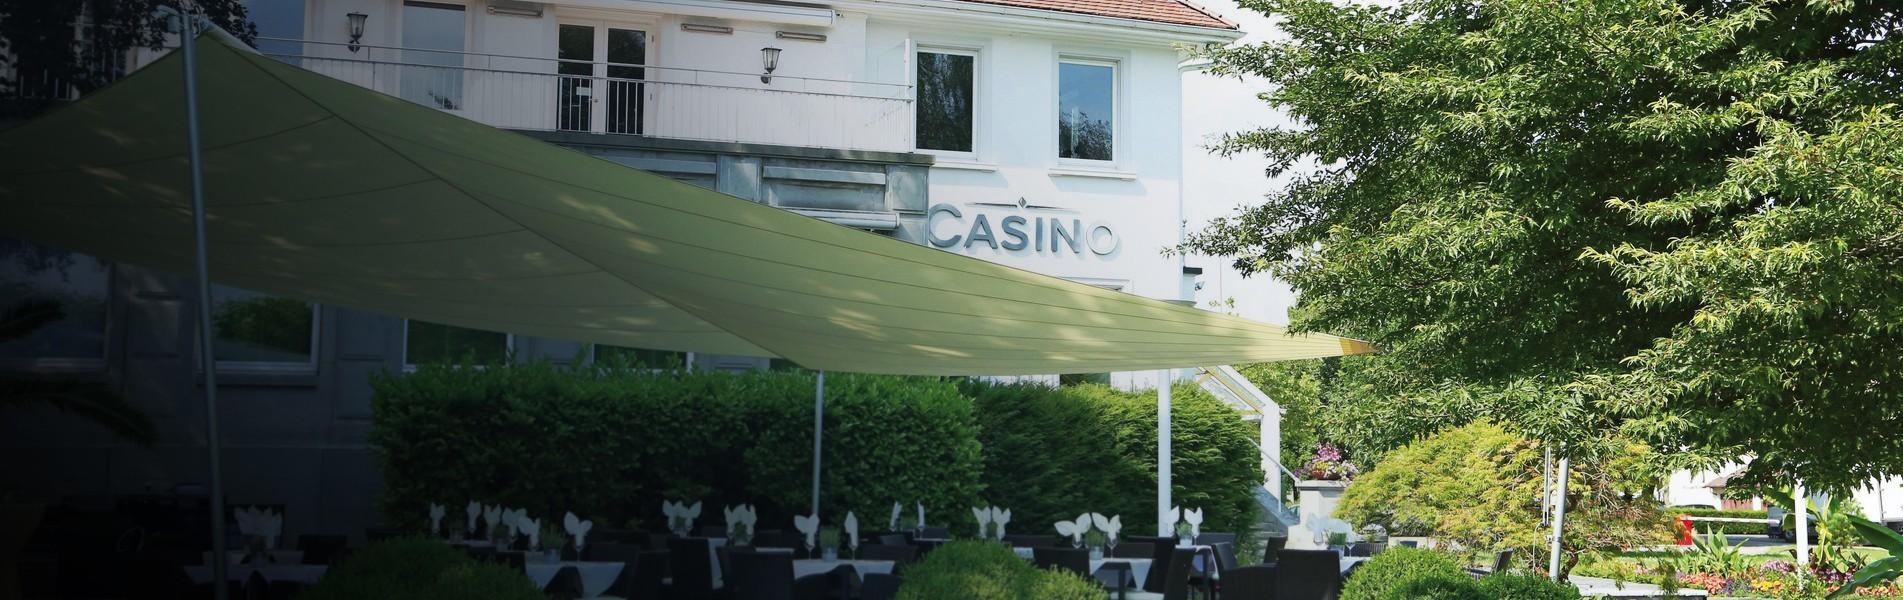 Suche vertrauensvolles Casino - 45994